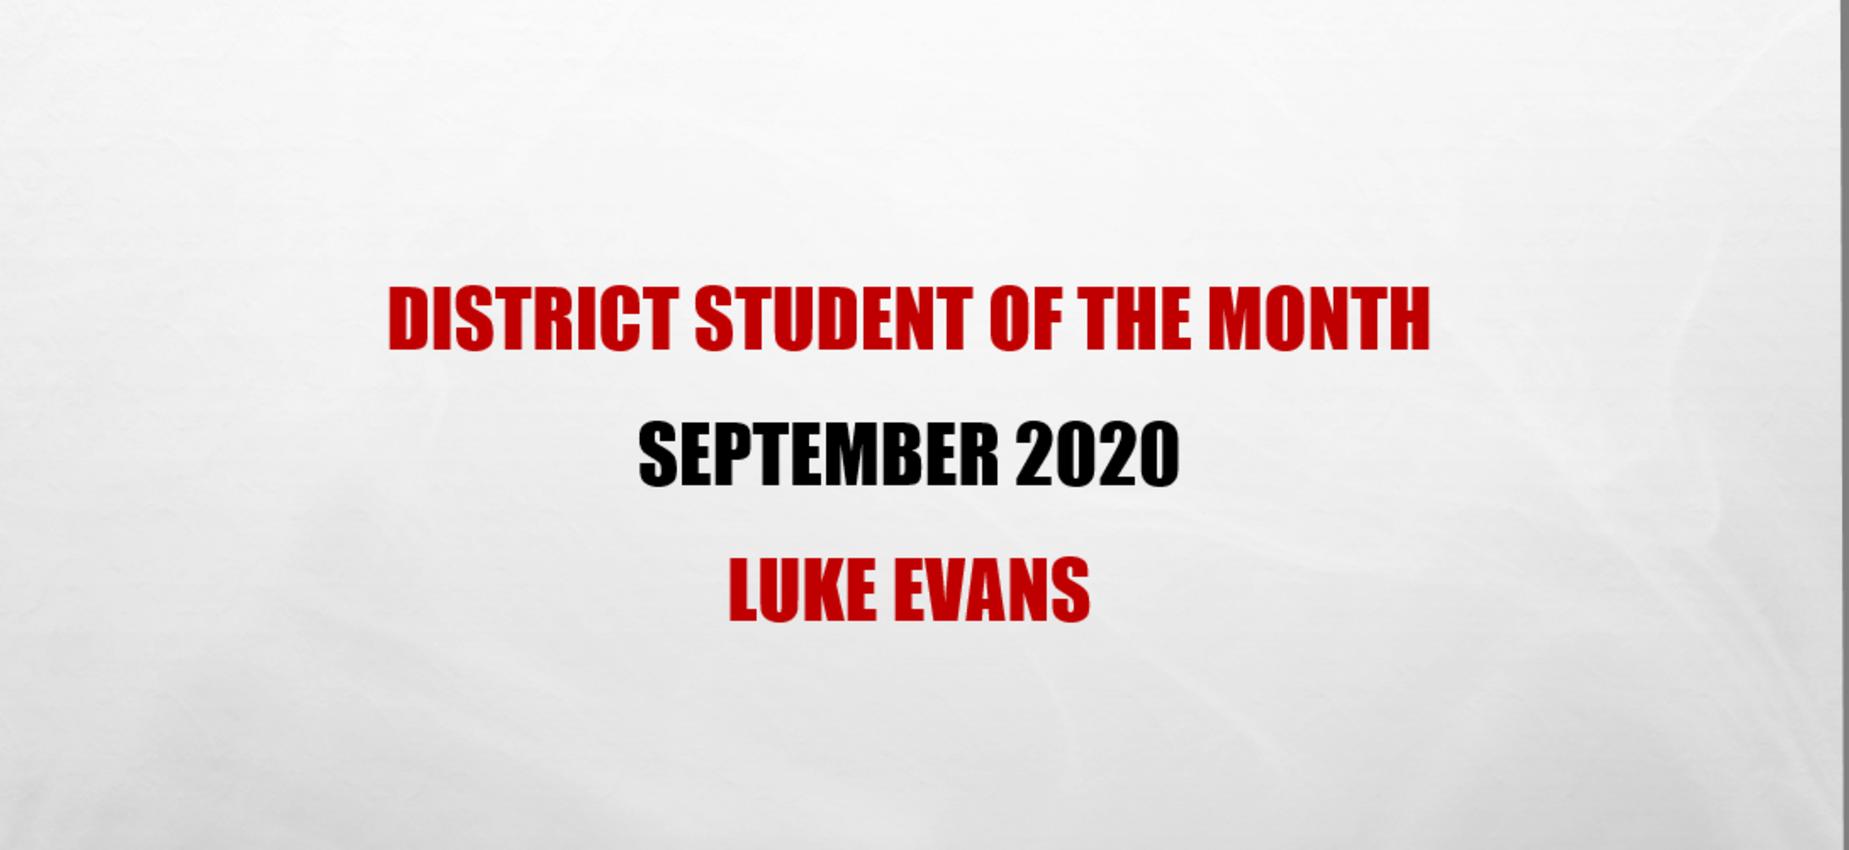 Luke Evans Student of the Month September 2020